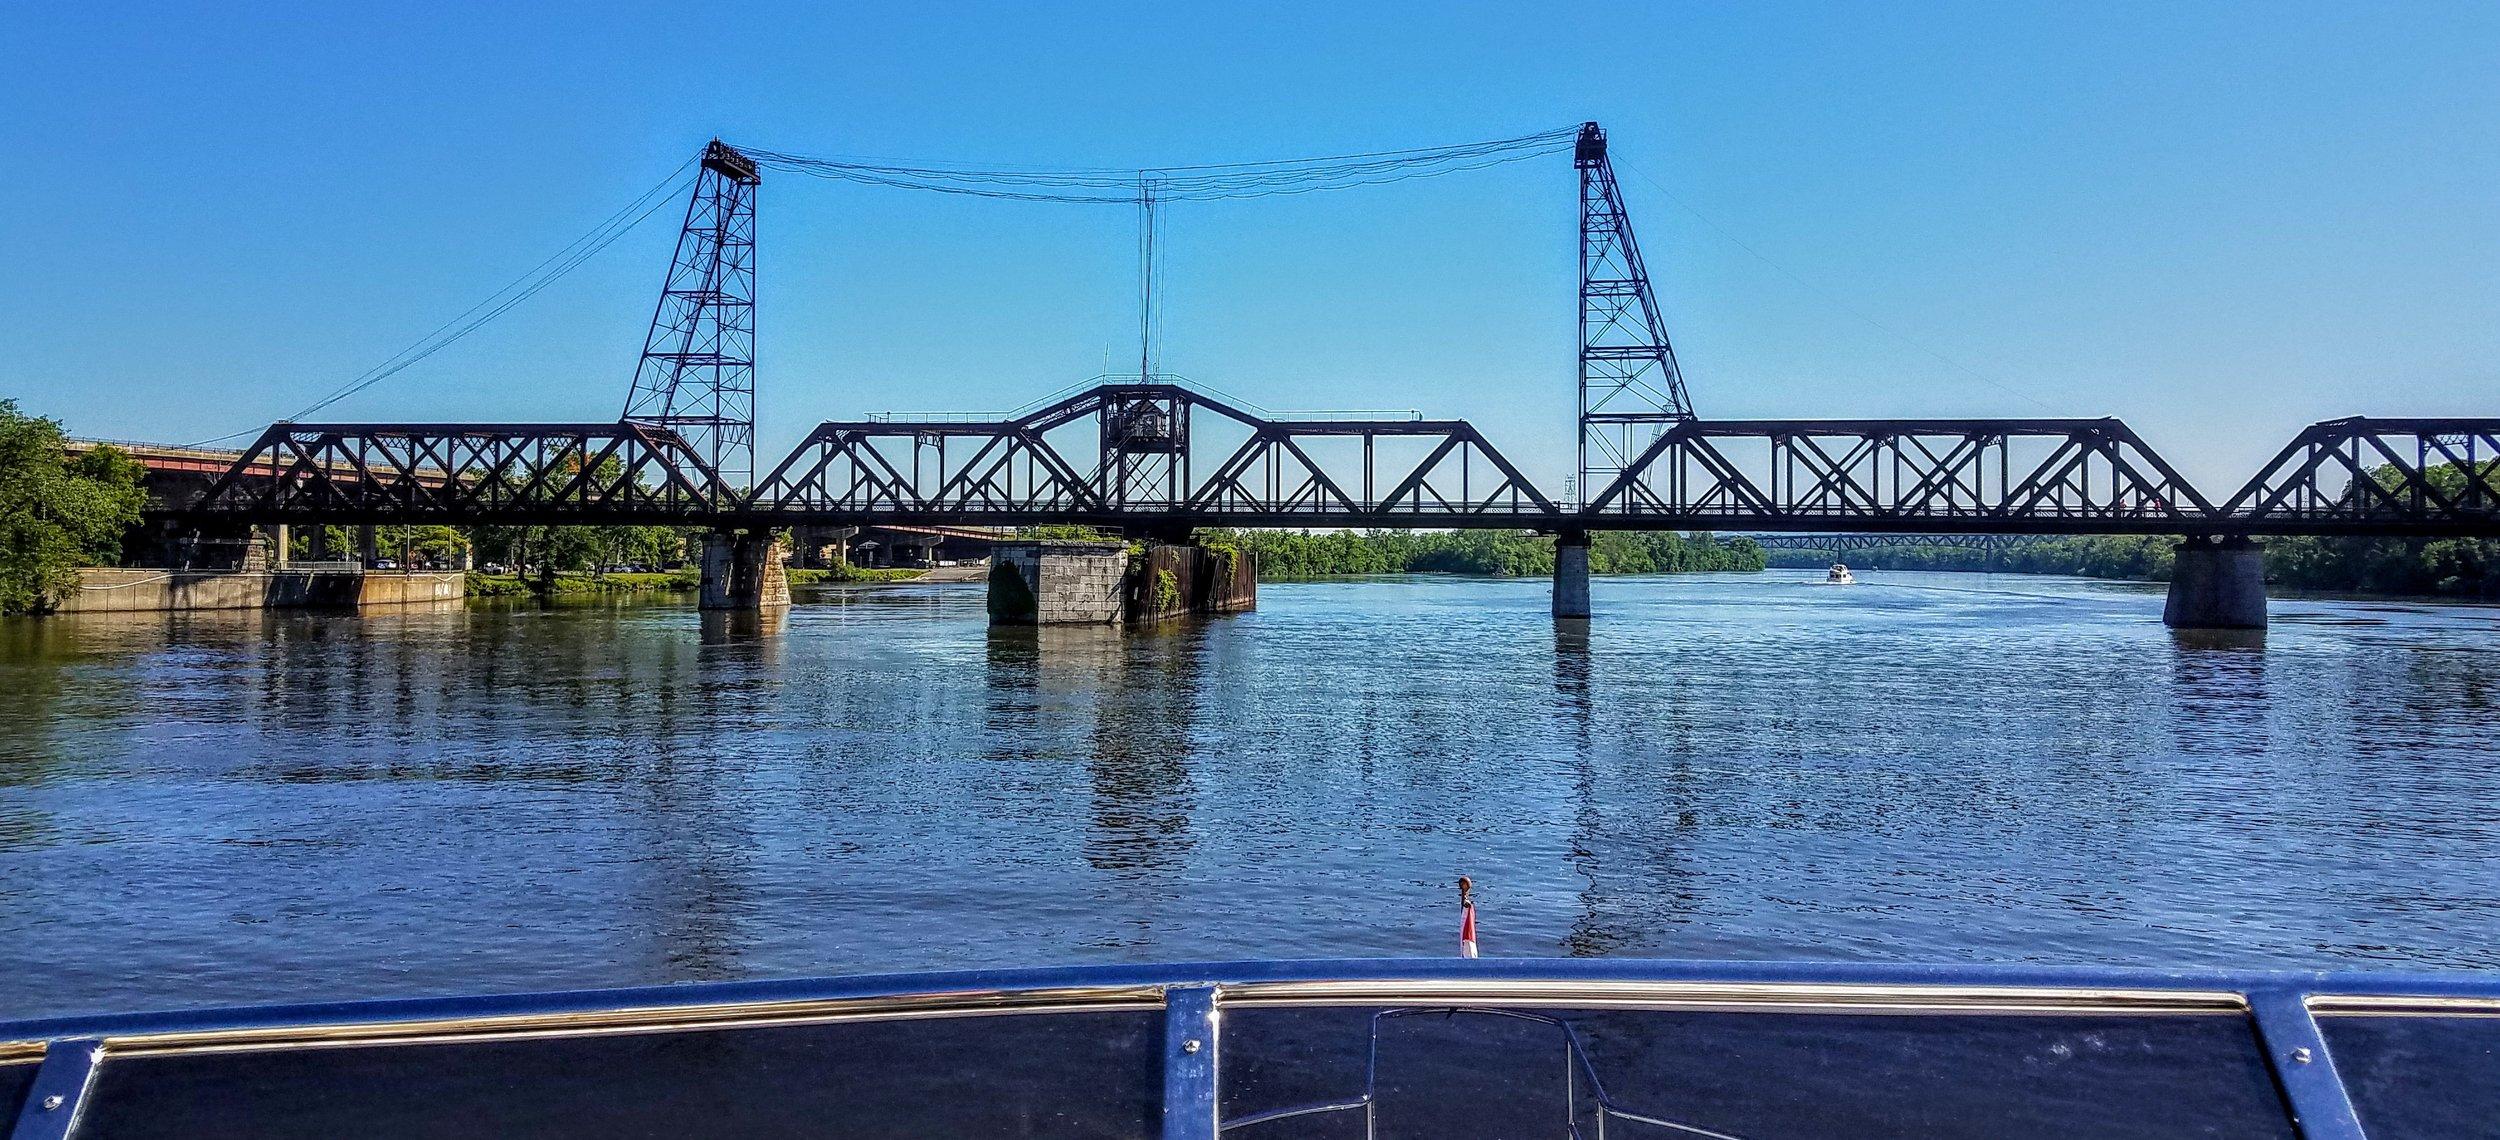 The Railroad Bridge exiting Albany, NY toward Waterford, NY